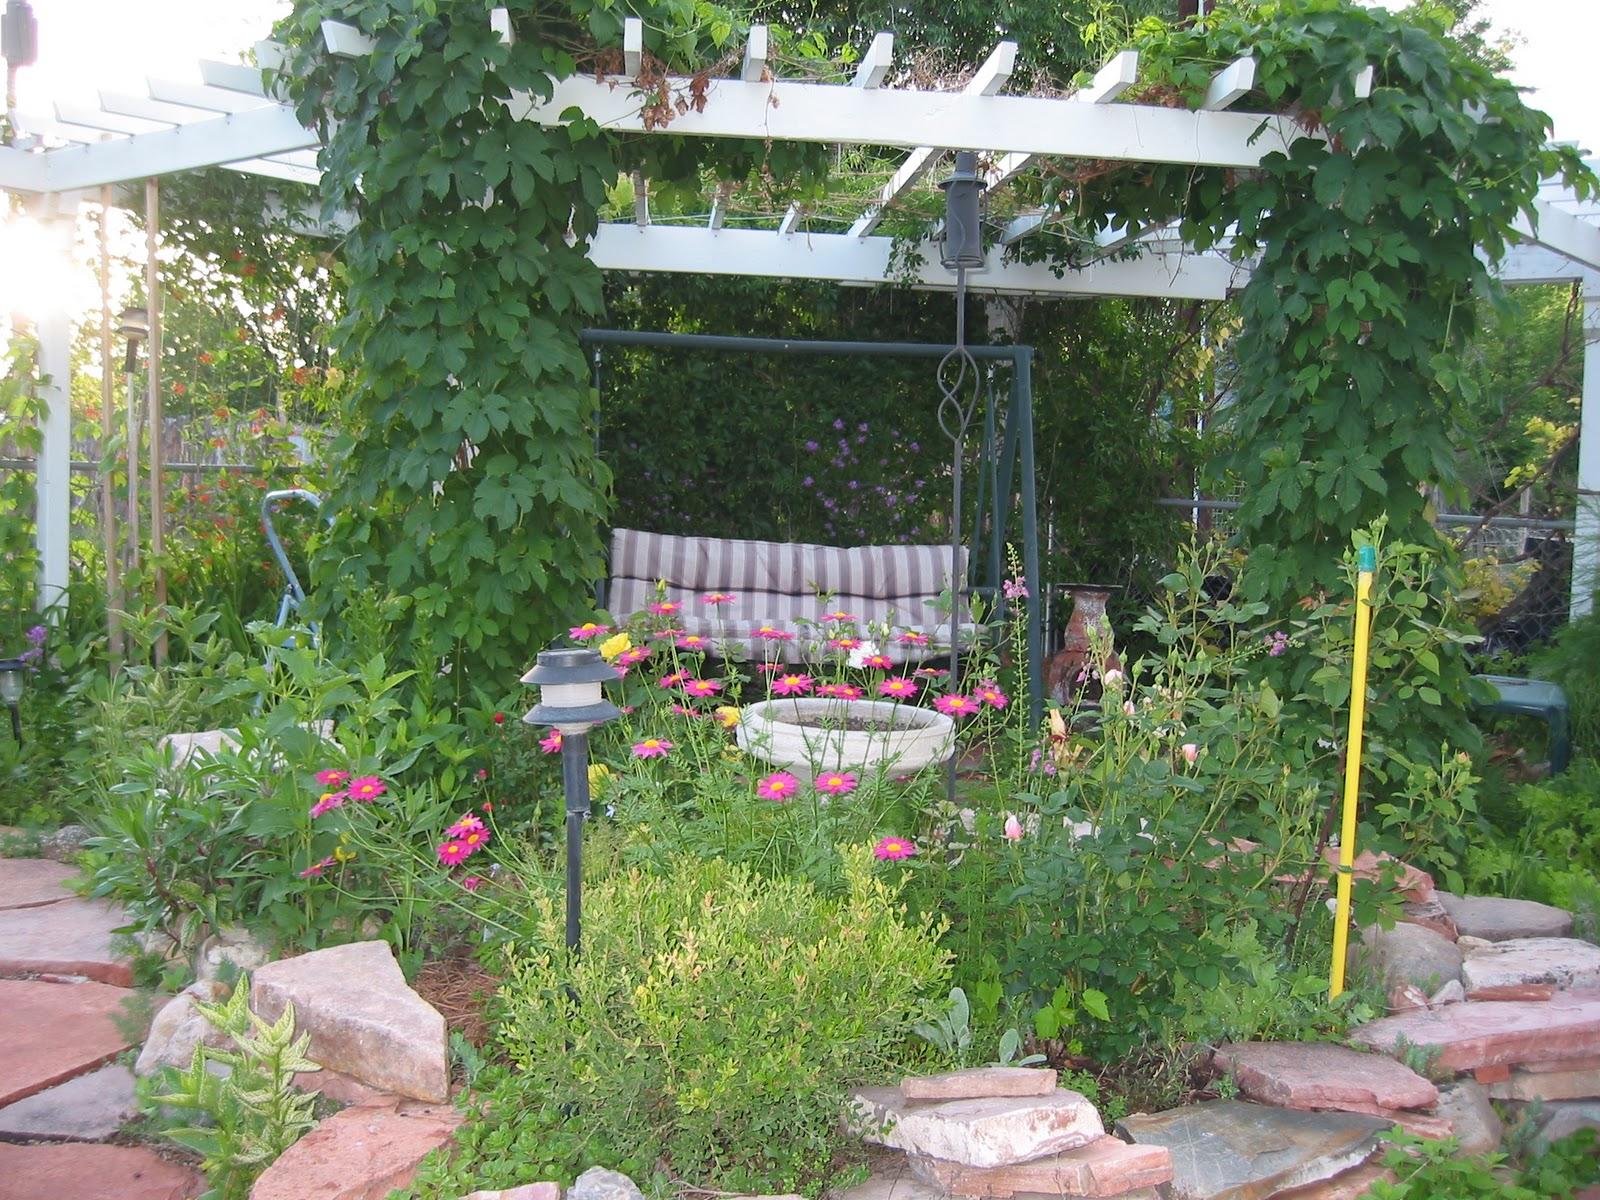 Dakota Garden Arbor in the Corner